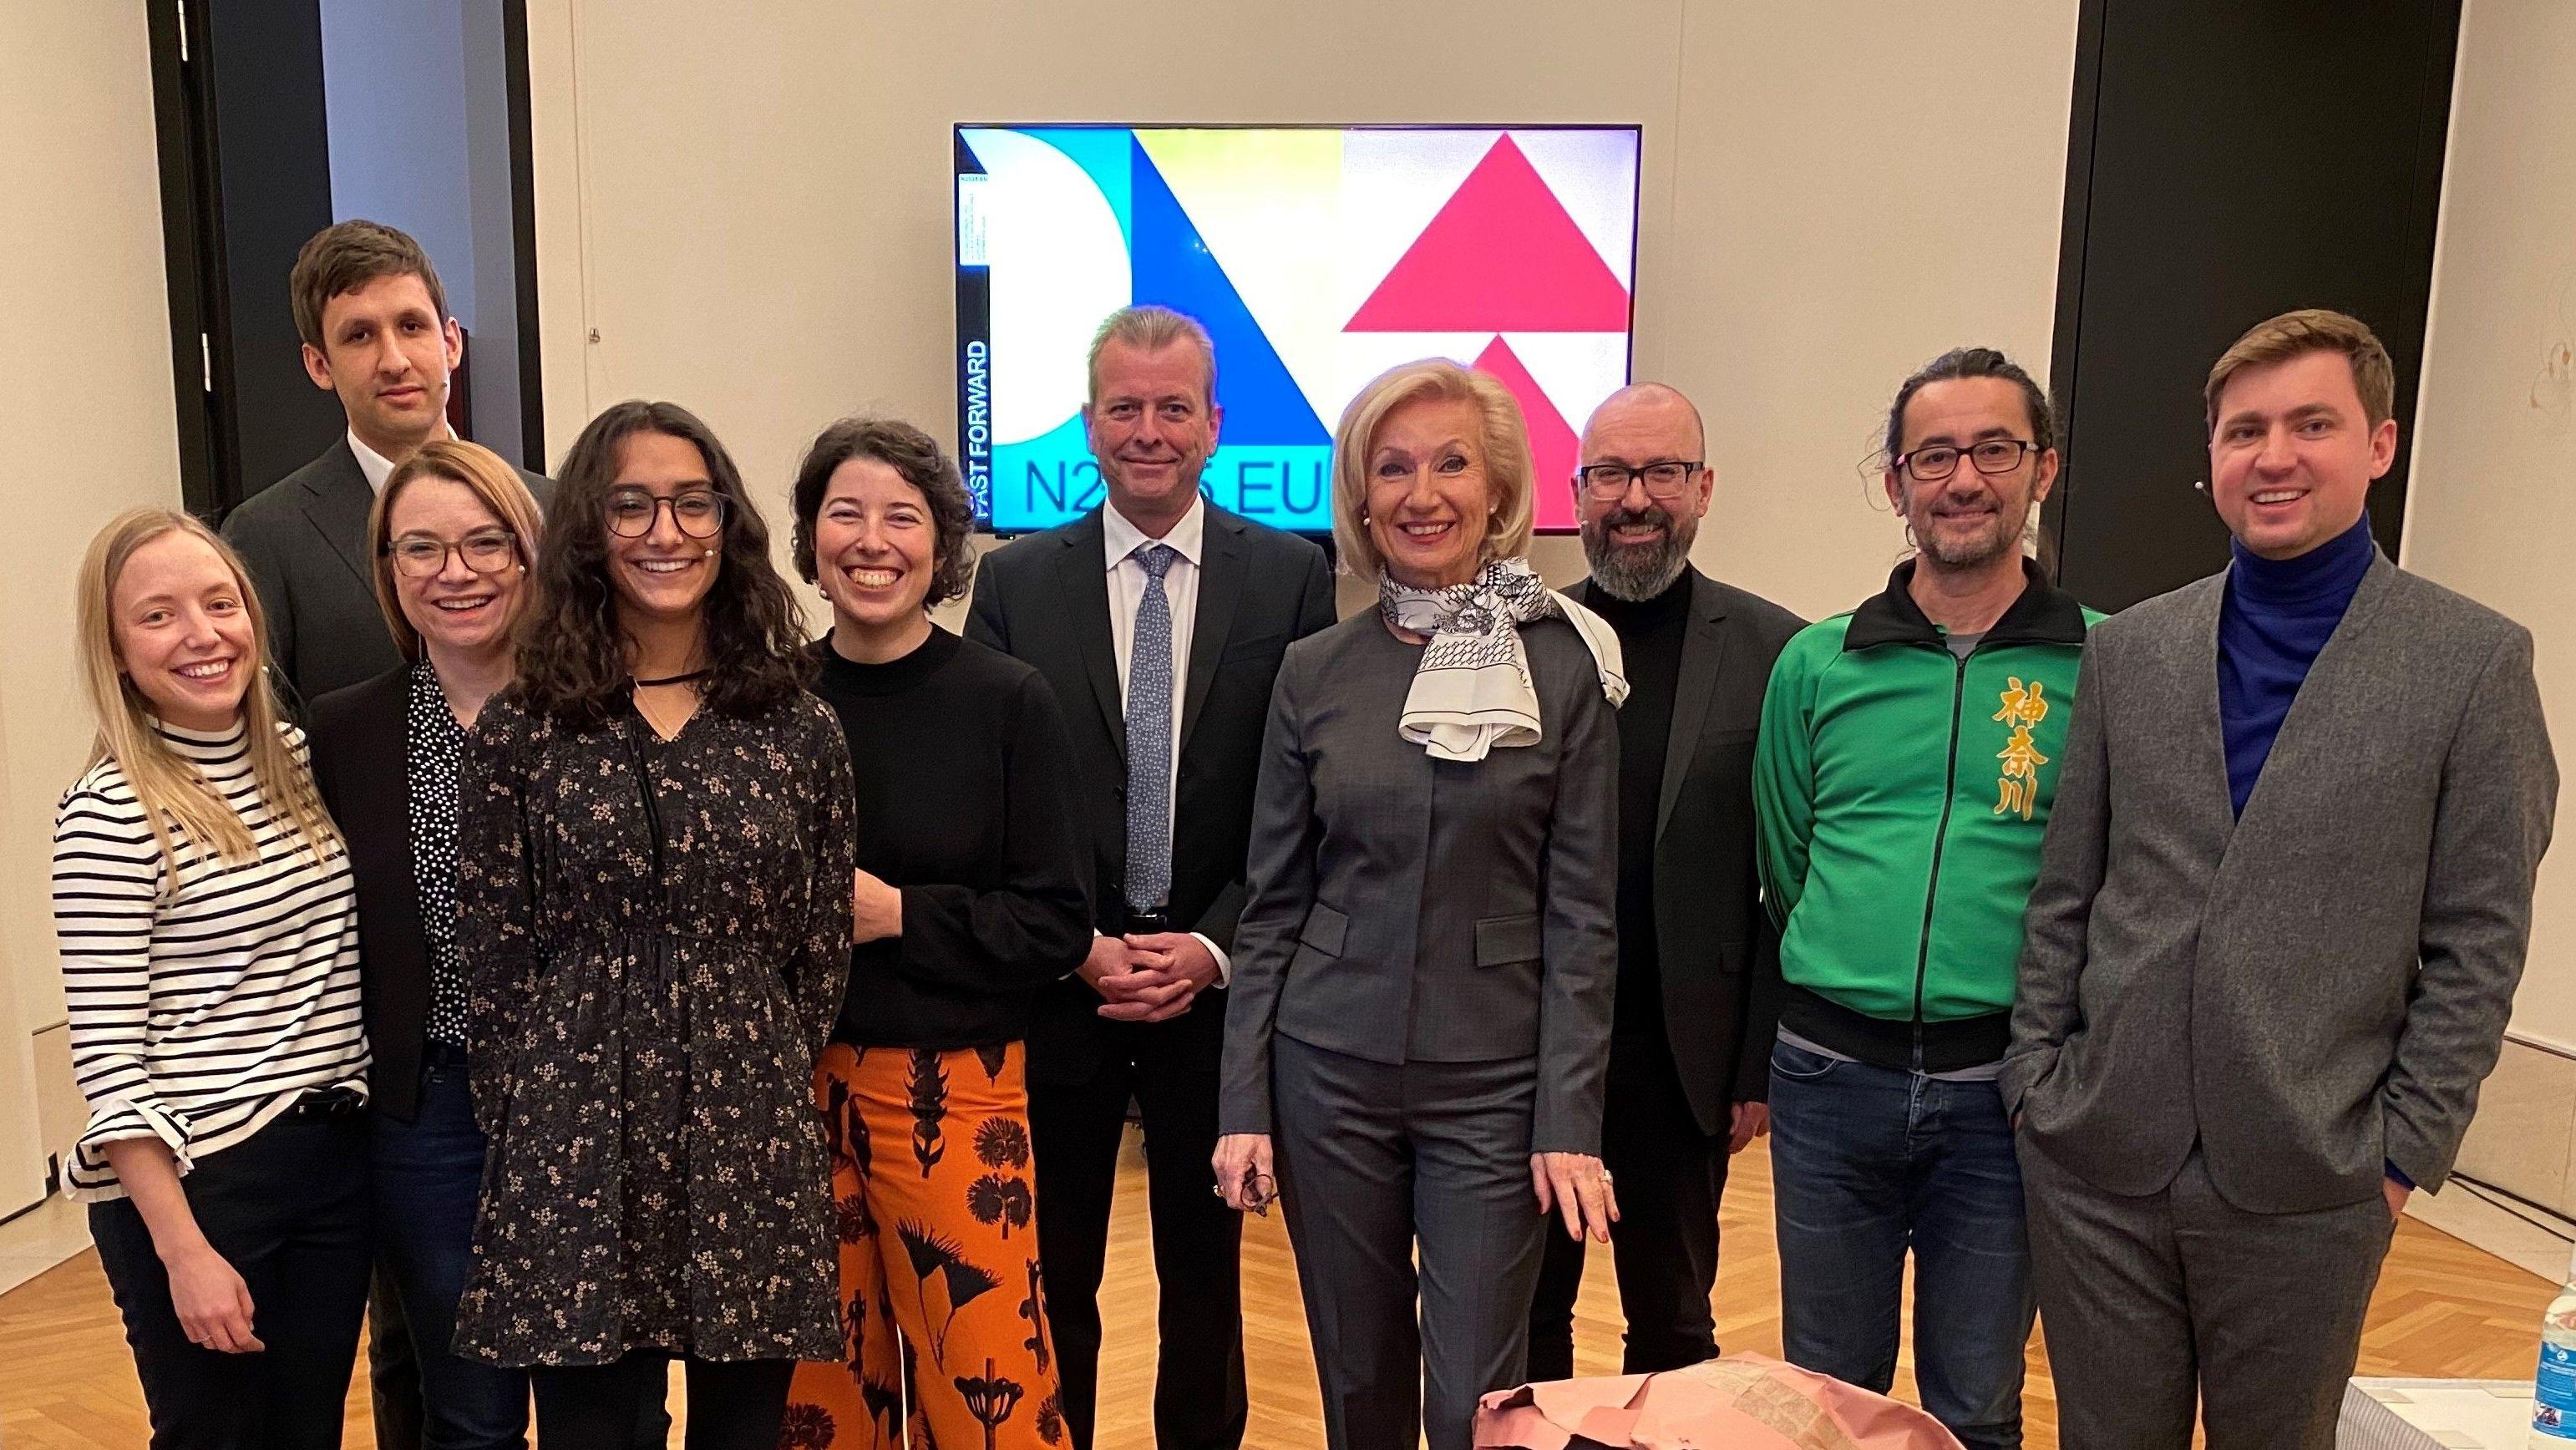 Die Nürnberger Delegation, die in Berlin für Nürnberg als Europäische Kulturhauptstadt 2025 wirbt.